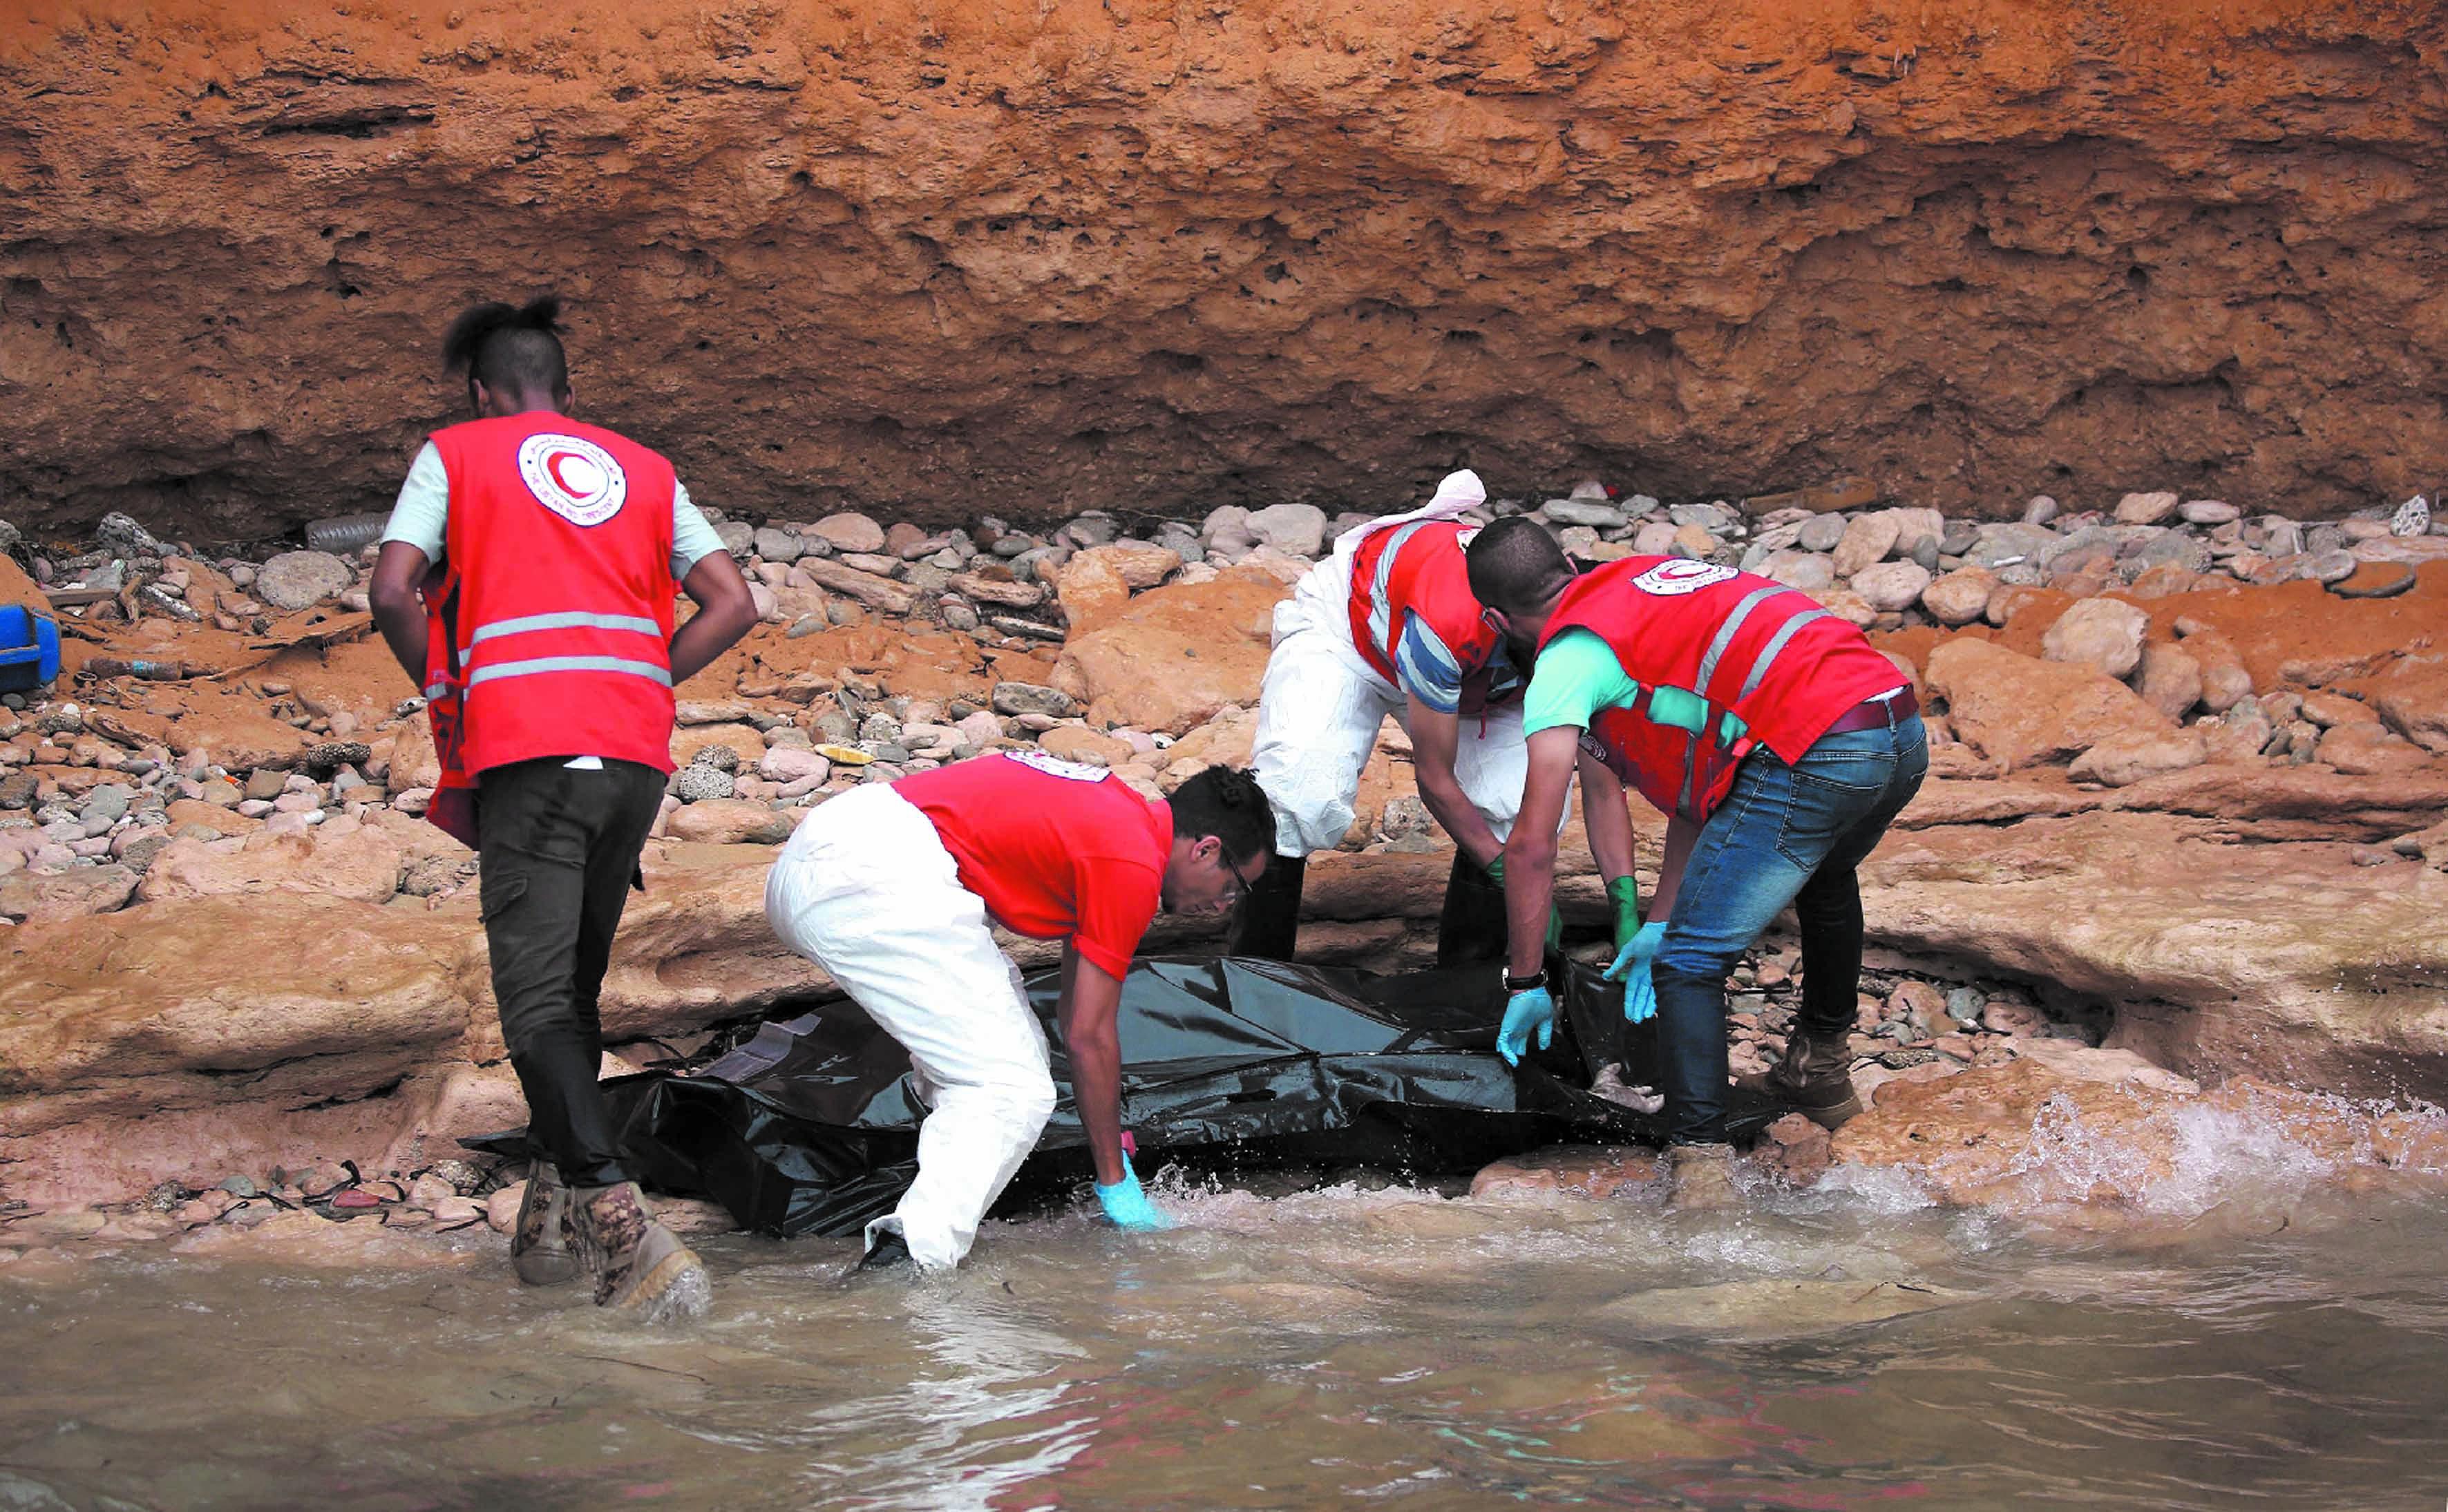 Les naufrages se multiplient au large de la Libye